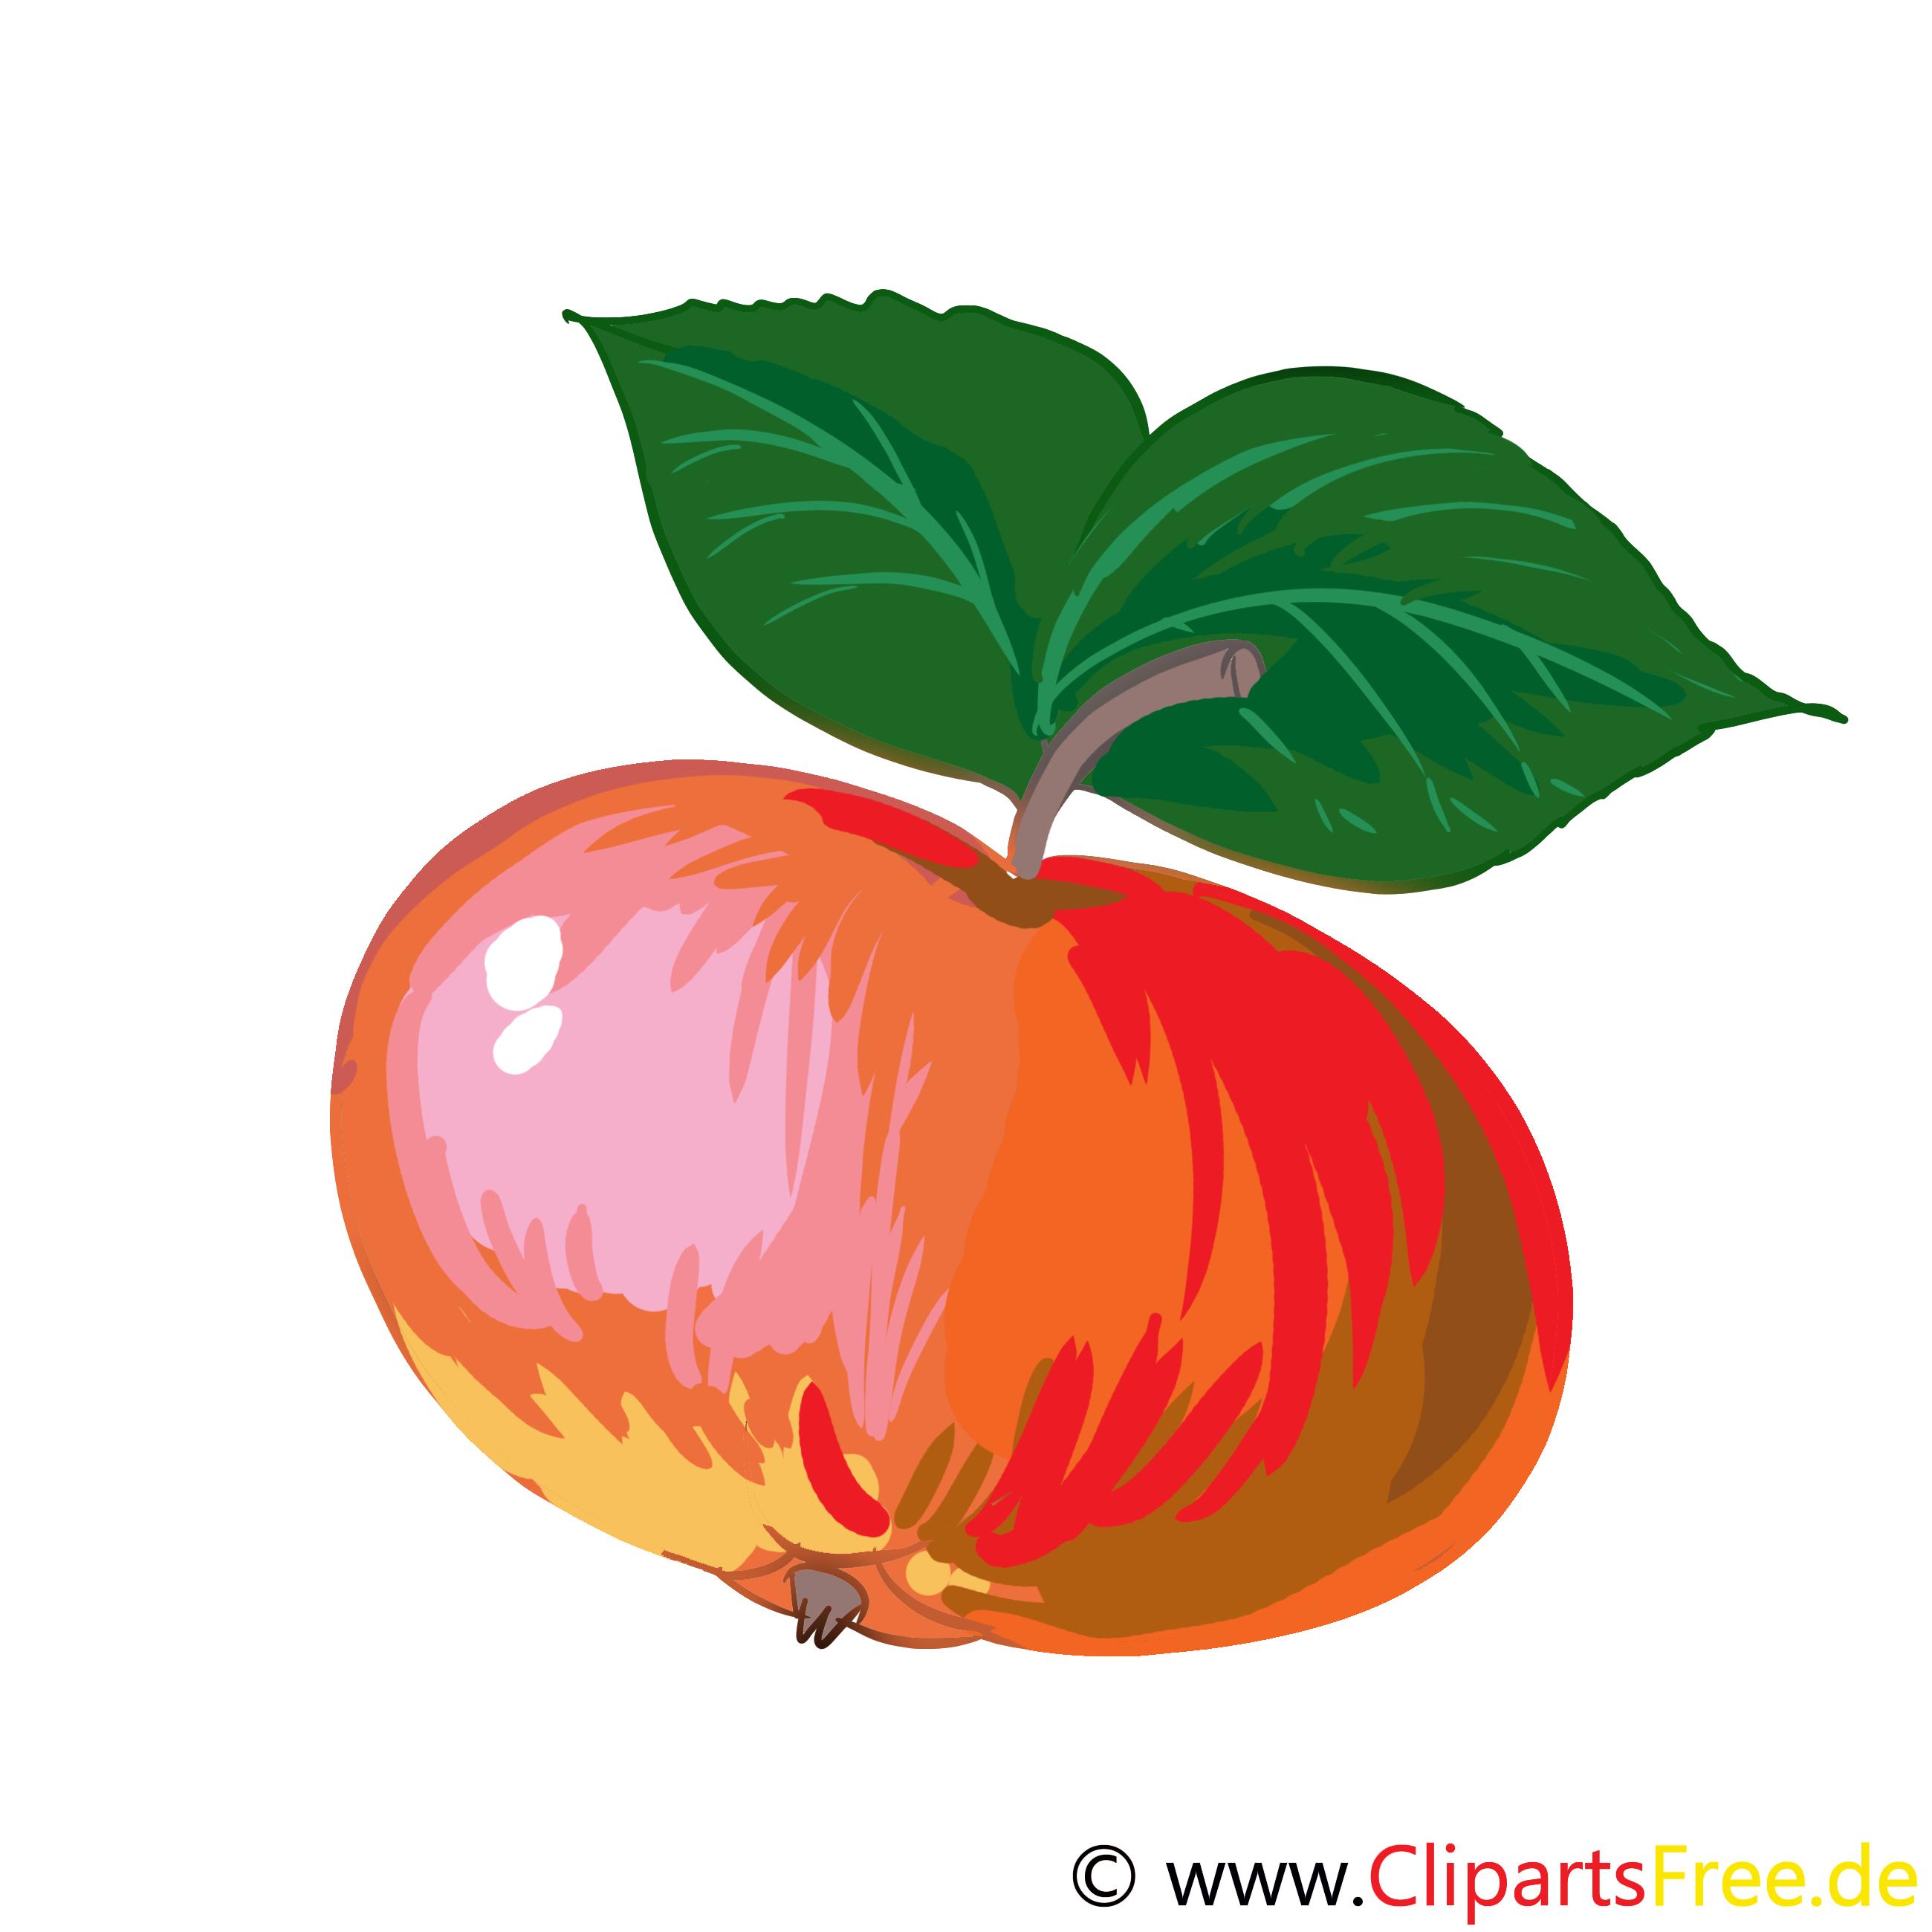 Apfel Cartoon, Bild, Illustration, Clip Art